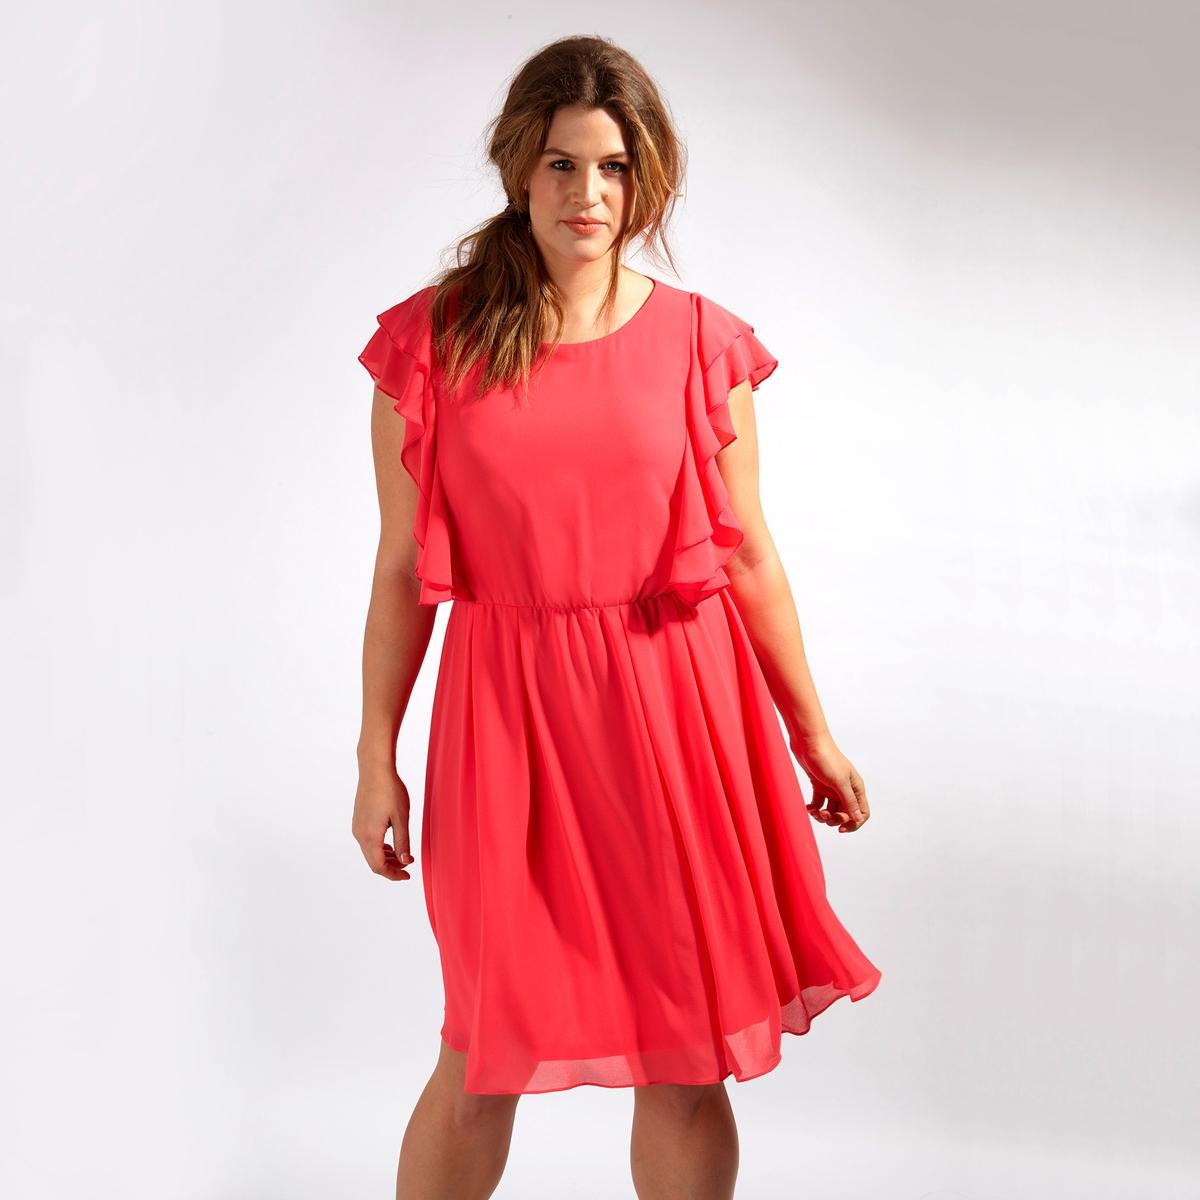 ПлатьеПлатье - KOKO BY KOKO. Застежка на молнию сзади. Длина до колен. 100% полиэстер<br><br>Цвет: малиновый<br>Размер: 50/52 (FR) - 56/58 (RUS).48 (FR) - 54 (RUS)